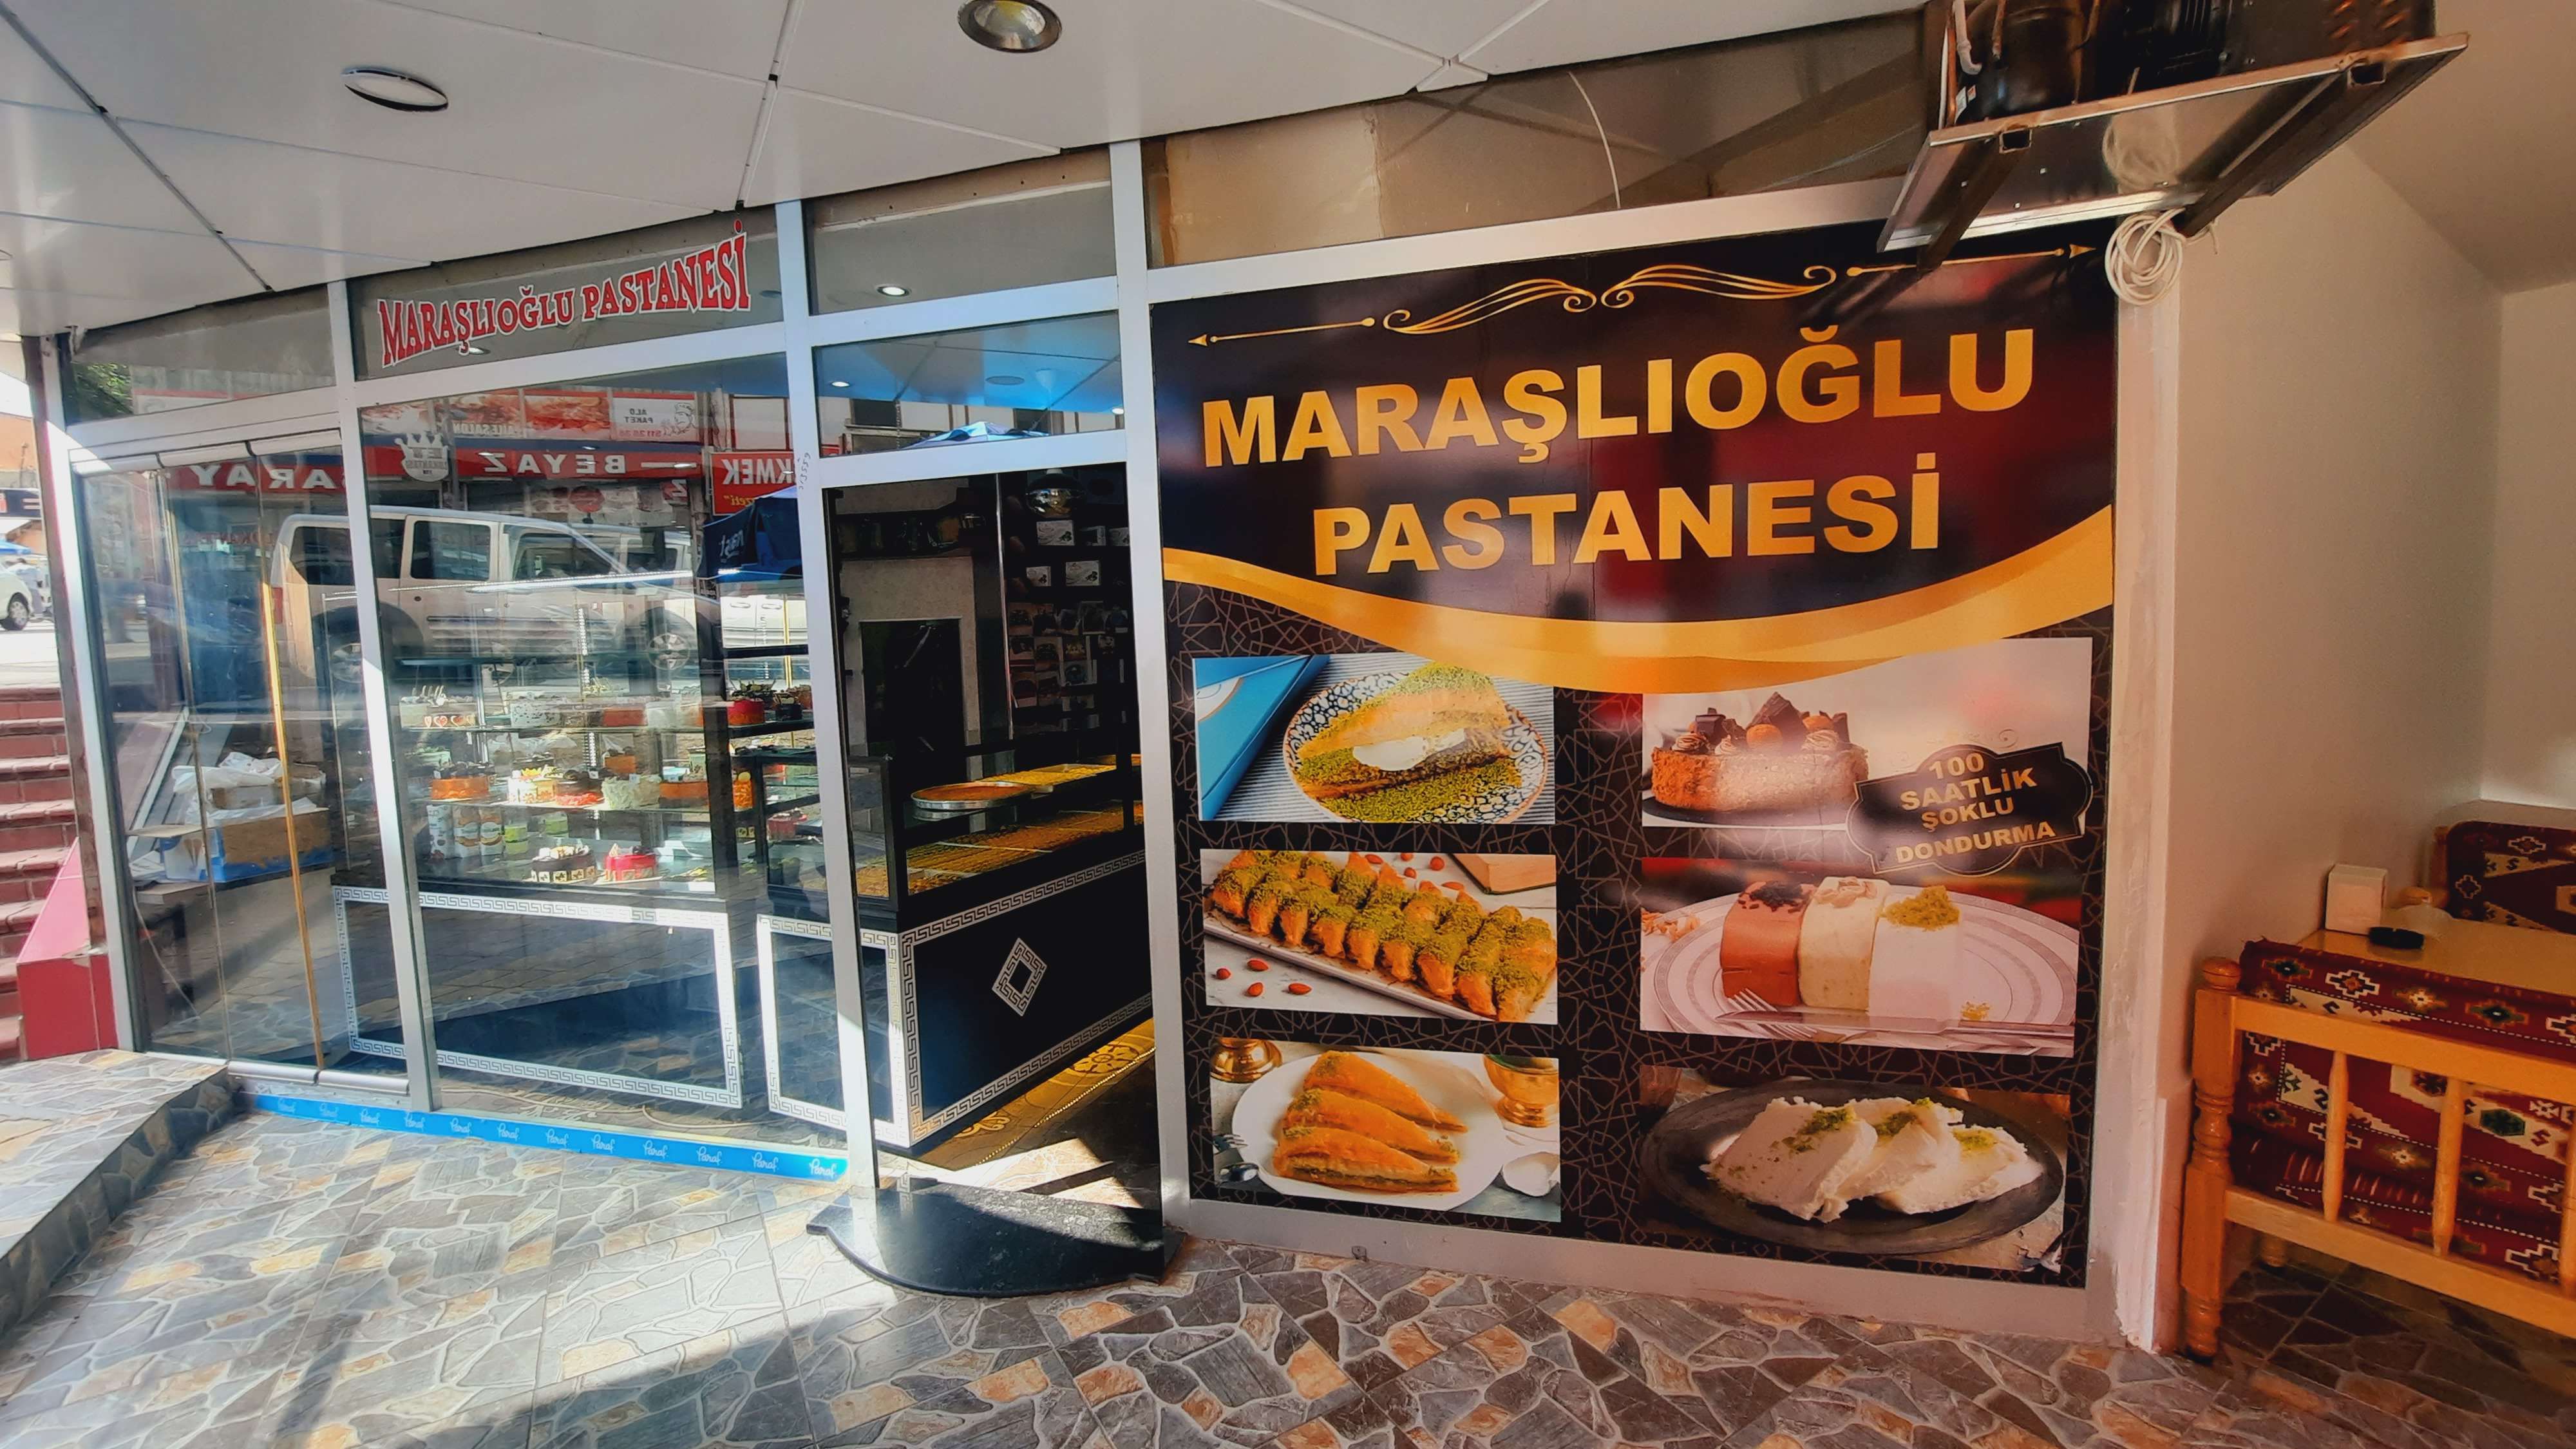 20210705 160755 Maraşlıoğlu Pastanesi, Yenilenen Yüzüyle Hizmetinizde!